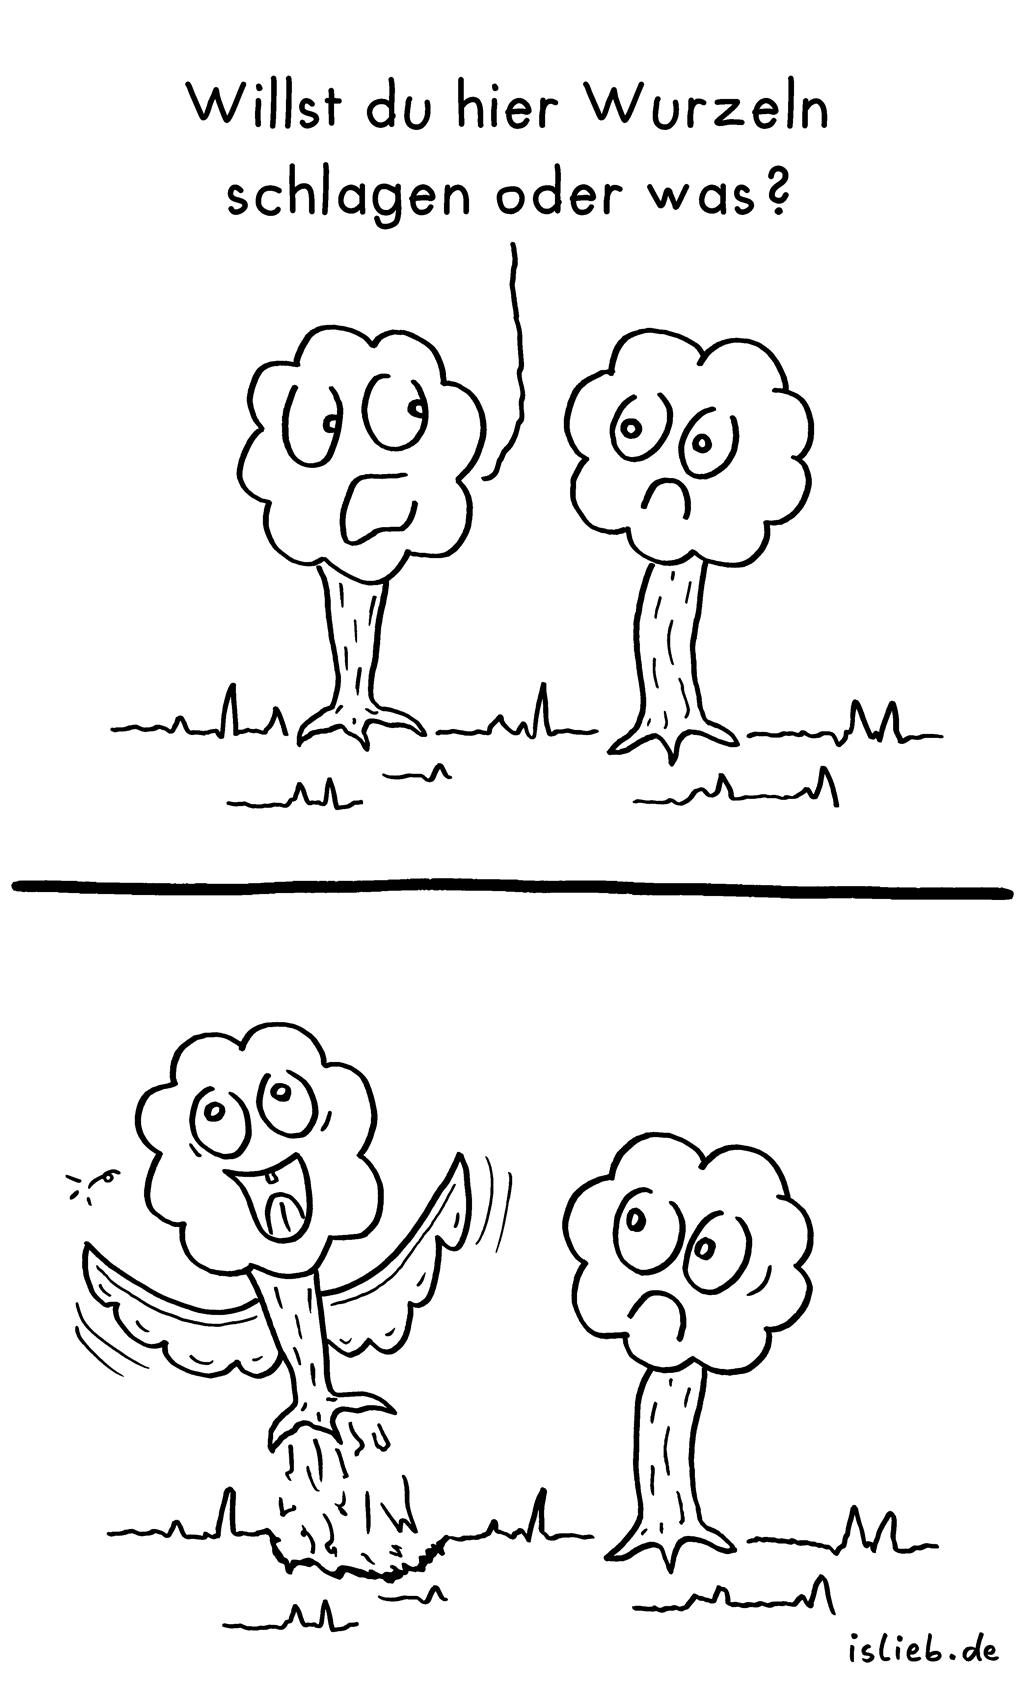 Mobilität | Baum-Comic | is lieb? | Willst du hier Wurzeln schlagen oder was? | Baum, Bäume, Flügel, fliegen, verreisen, angewurzelt